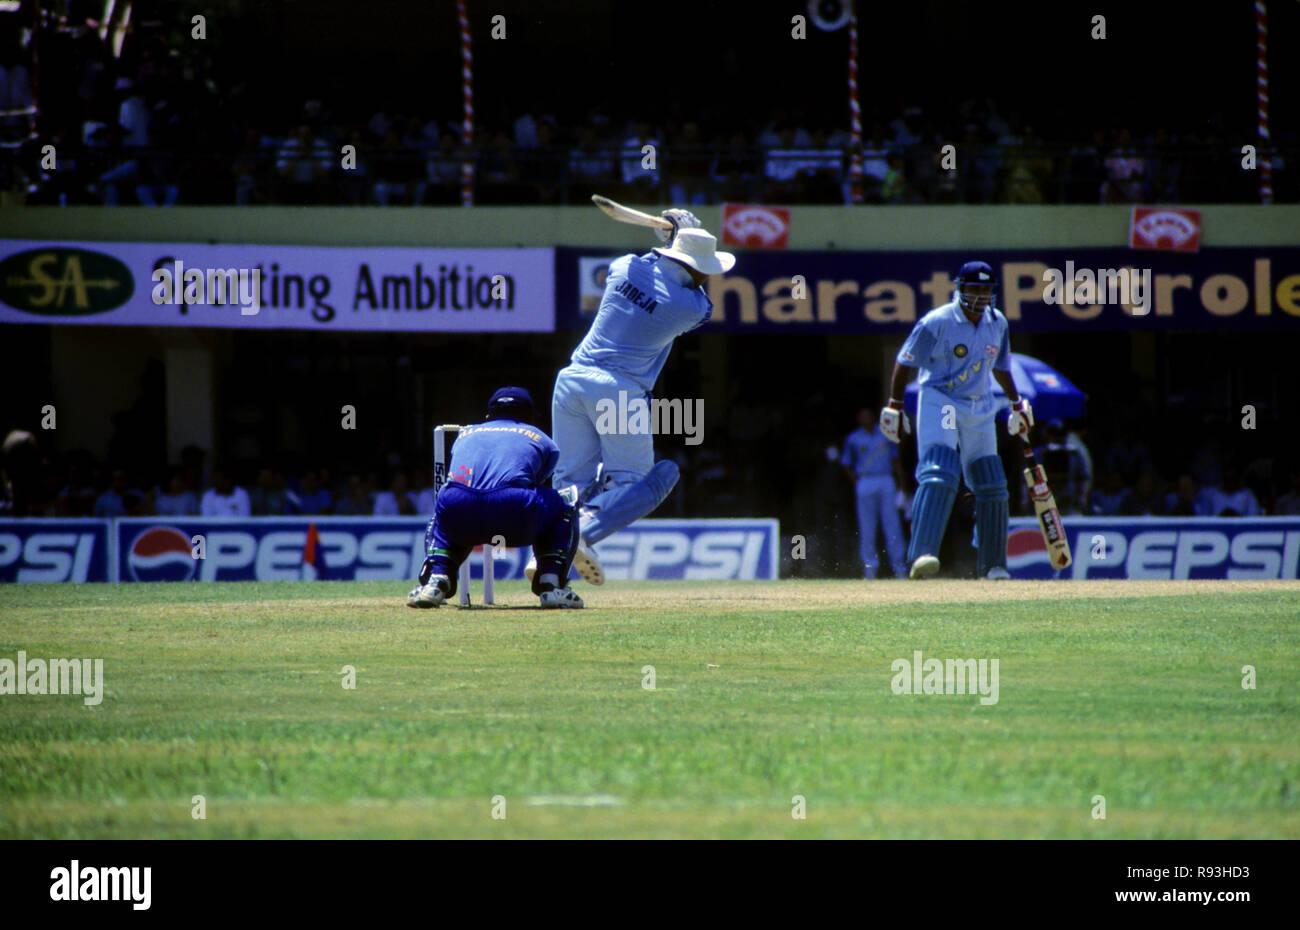 India Srilanka Cricket Match Stock Photo